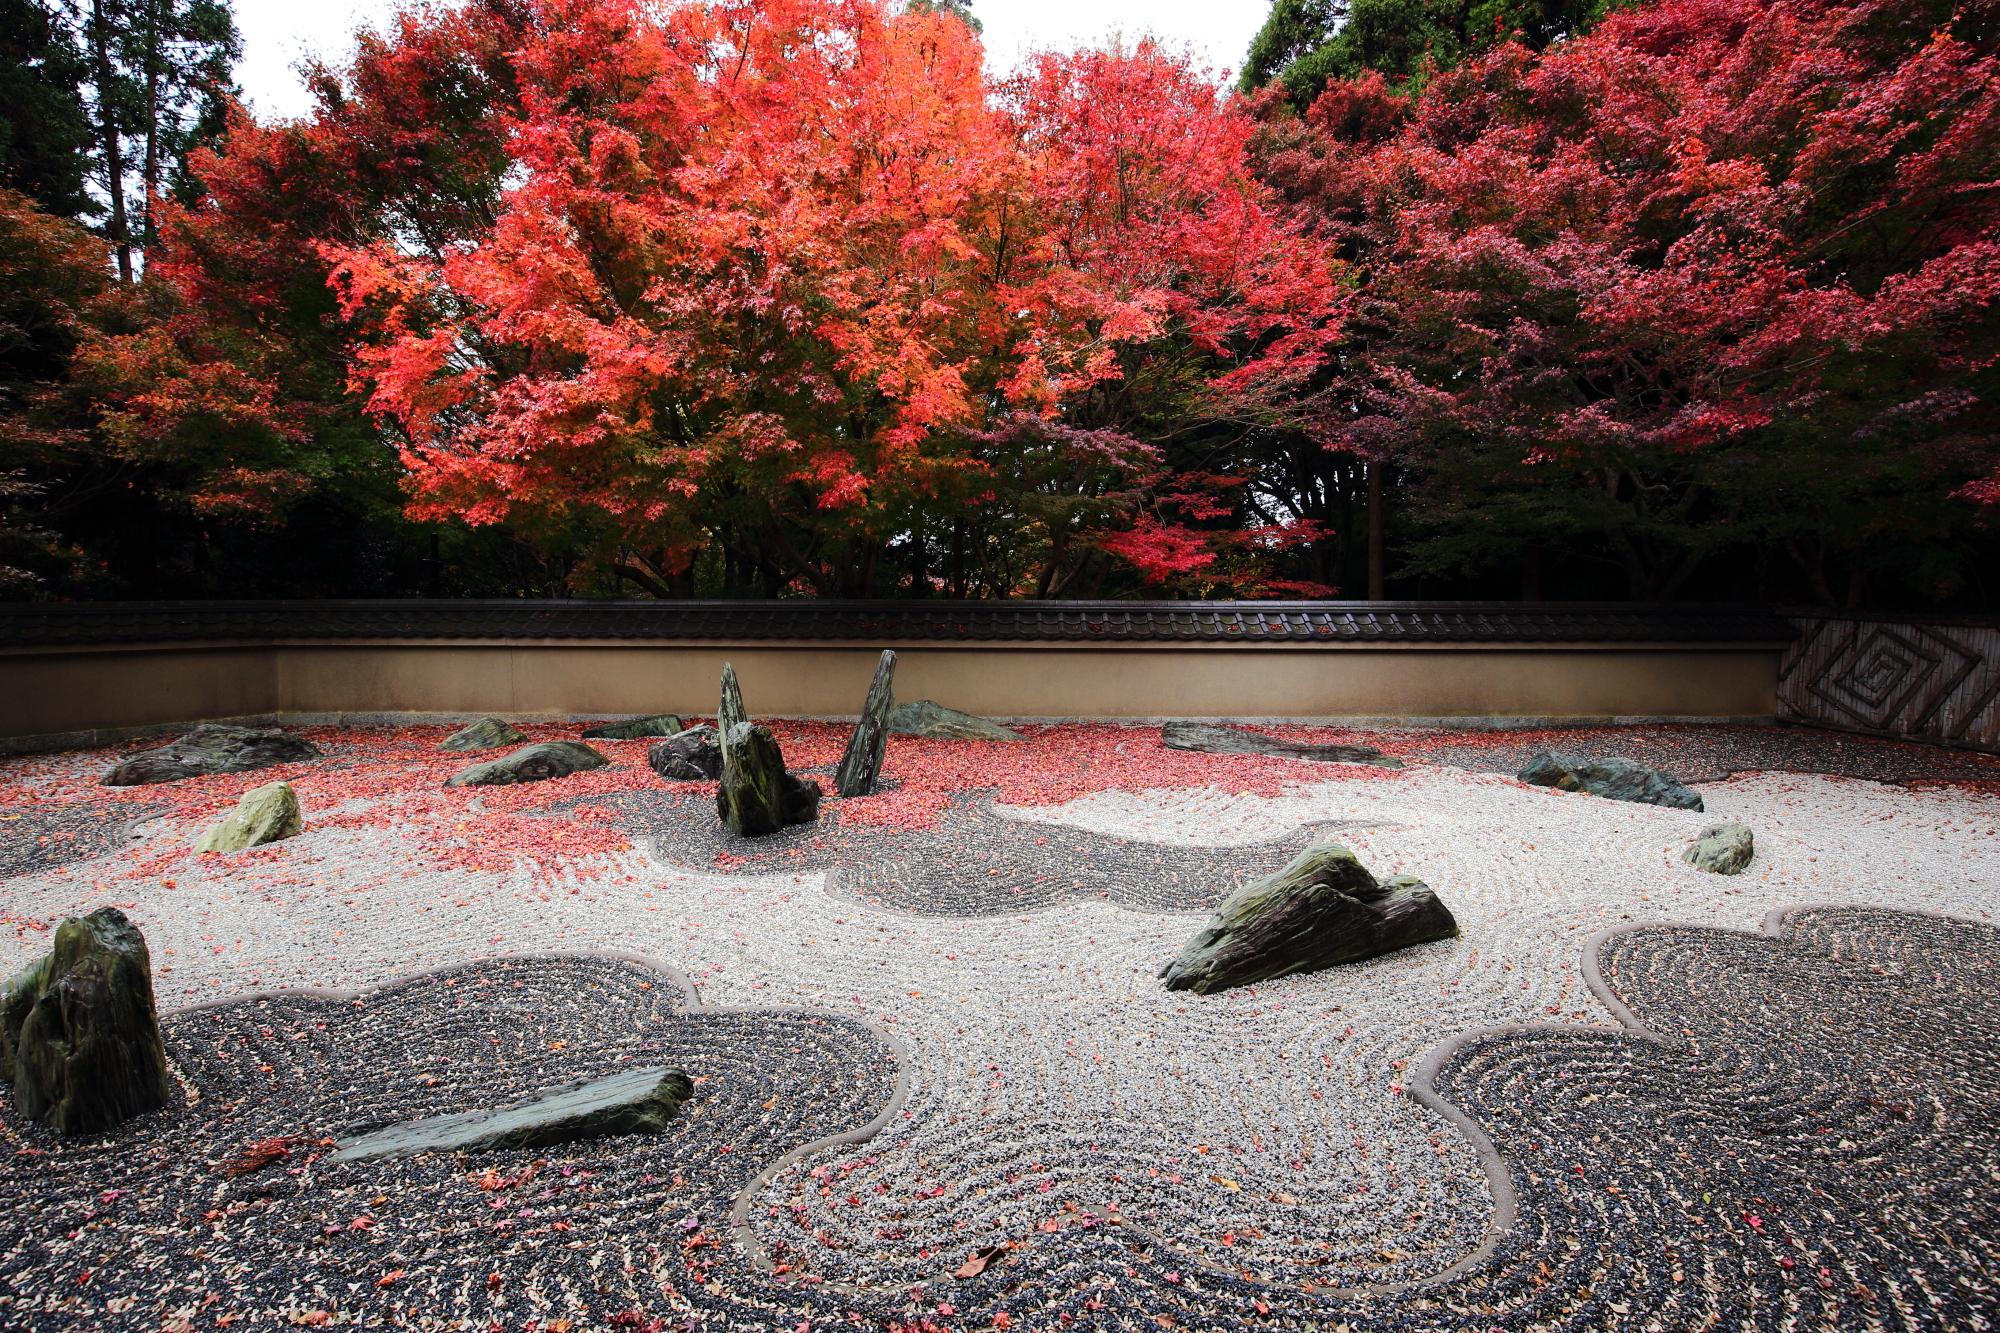 東福寺 龍吟庵(りょうぎんあん)の西庭「龍の庭」の美しい見ごろの紅葉